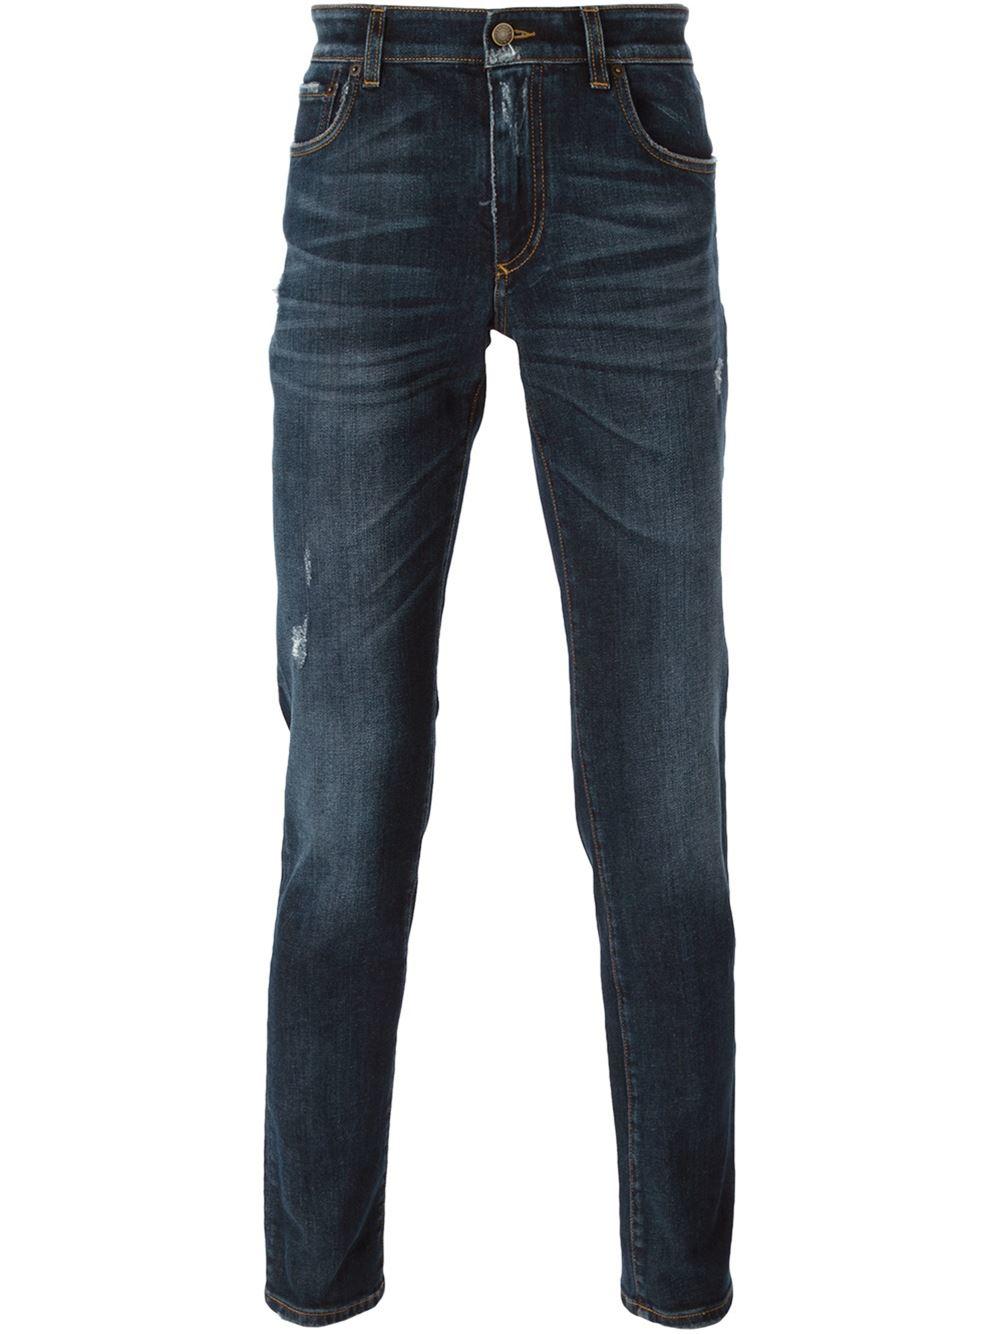 dolce gabbana slim fit jeans in blue for men lyst. Black Bedroom Furniture Sets. Home Design Ideas